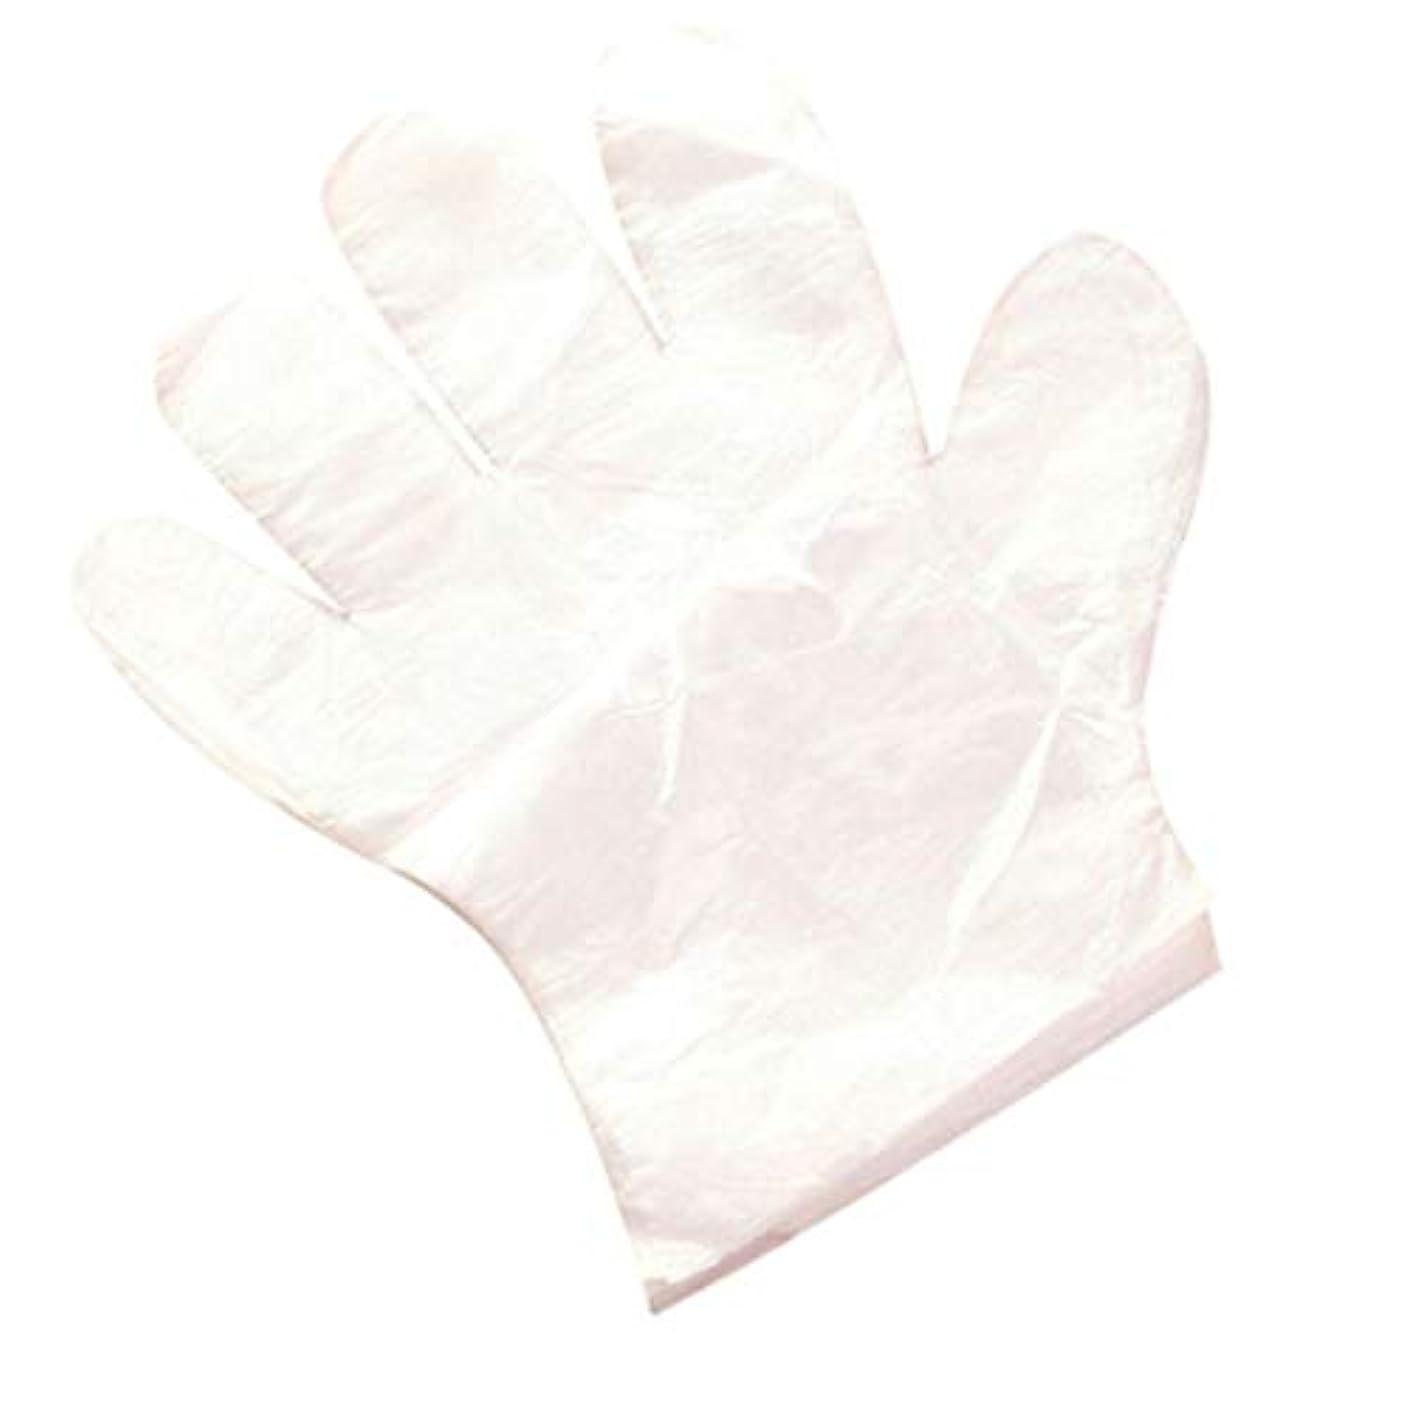 義務胚芽ネスト家庭用家庭の清掃および衛生用使い捨て手袋を食べる使い捨て手袋 (UnitCount : 500only)